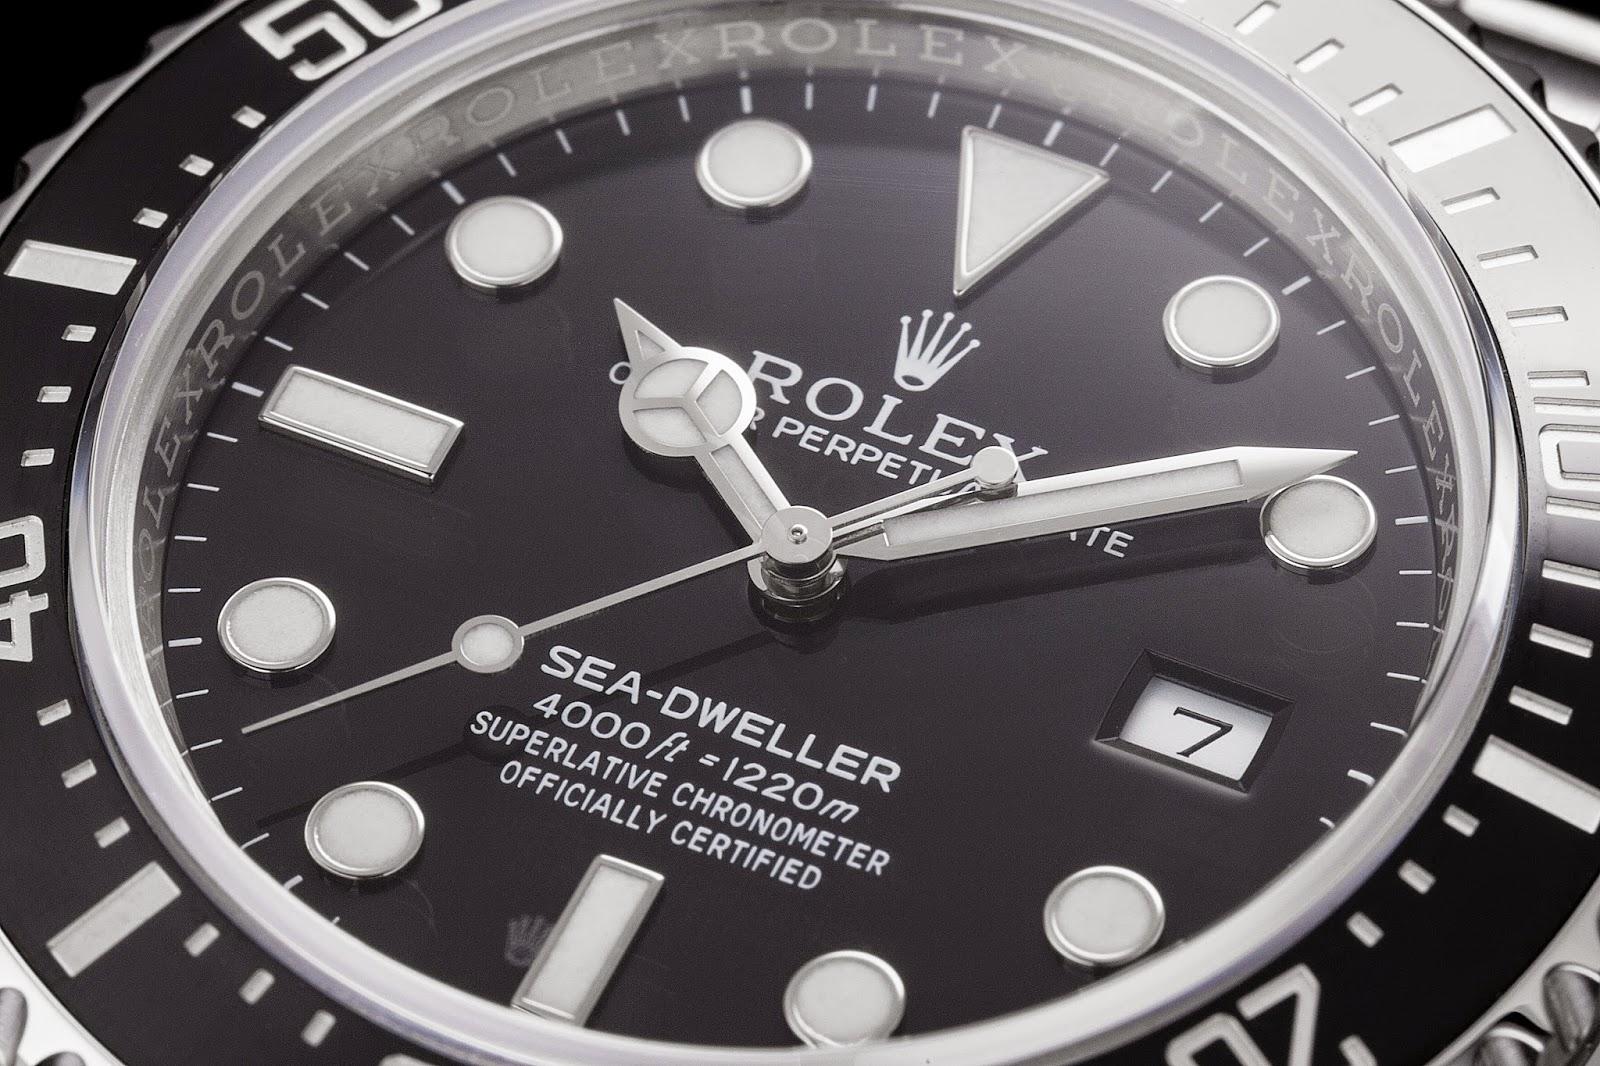 Rolex Sea-Dweller 4000 watch replica